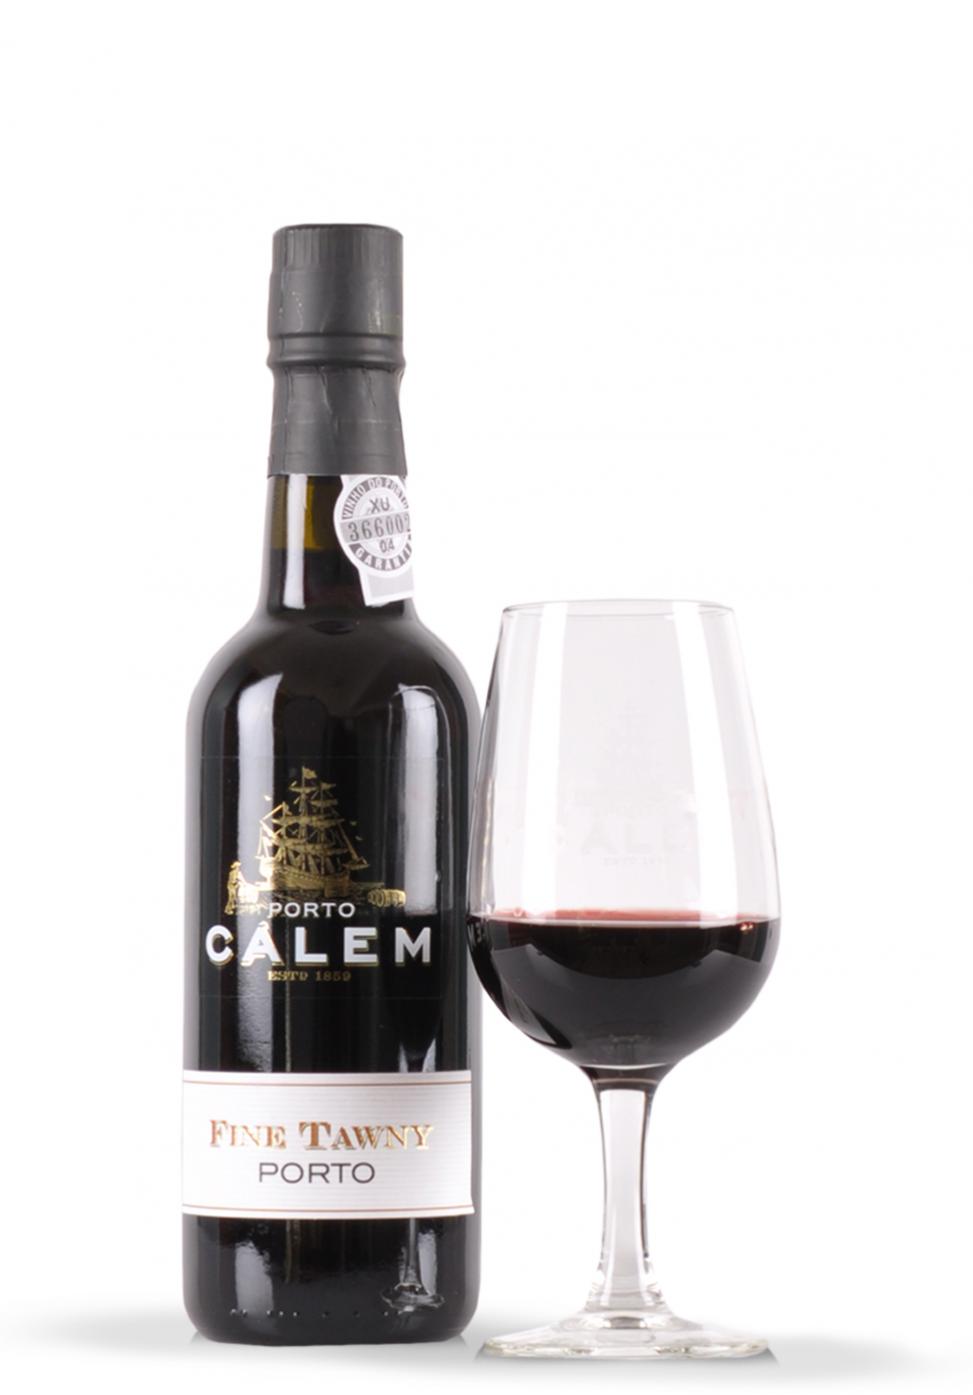 Vin Calem, Fine Tawny Porto (0.375L)